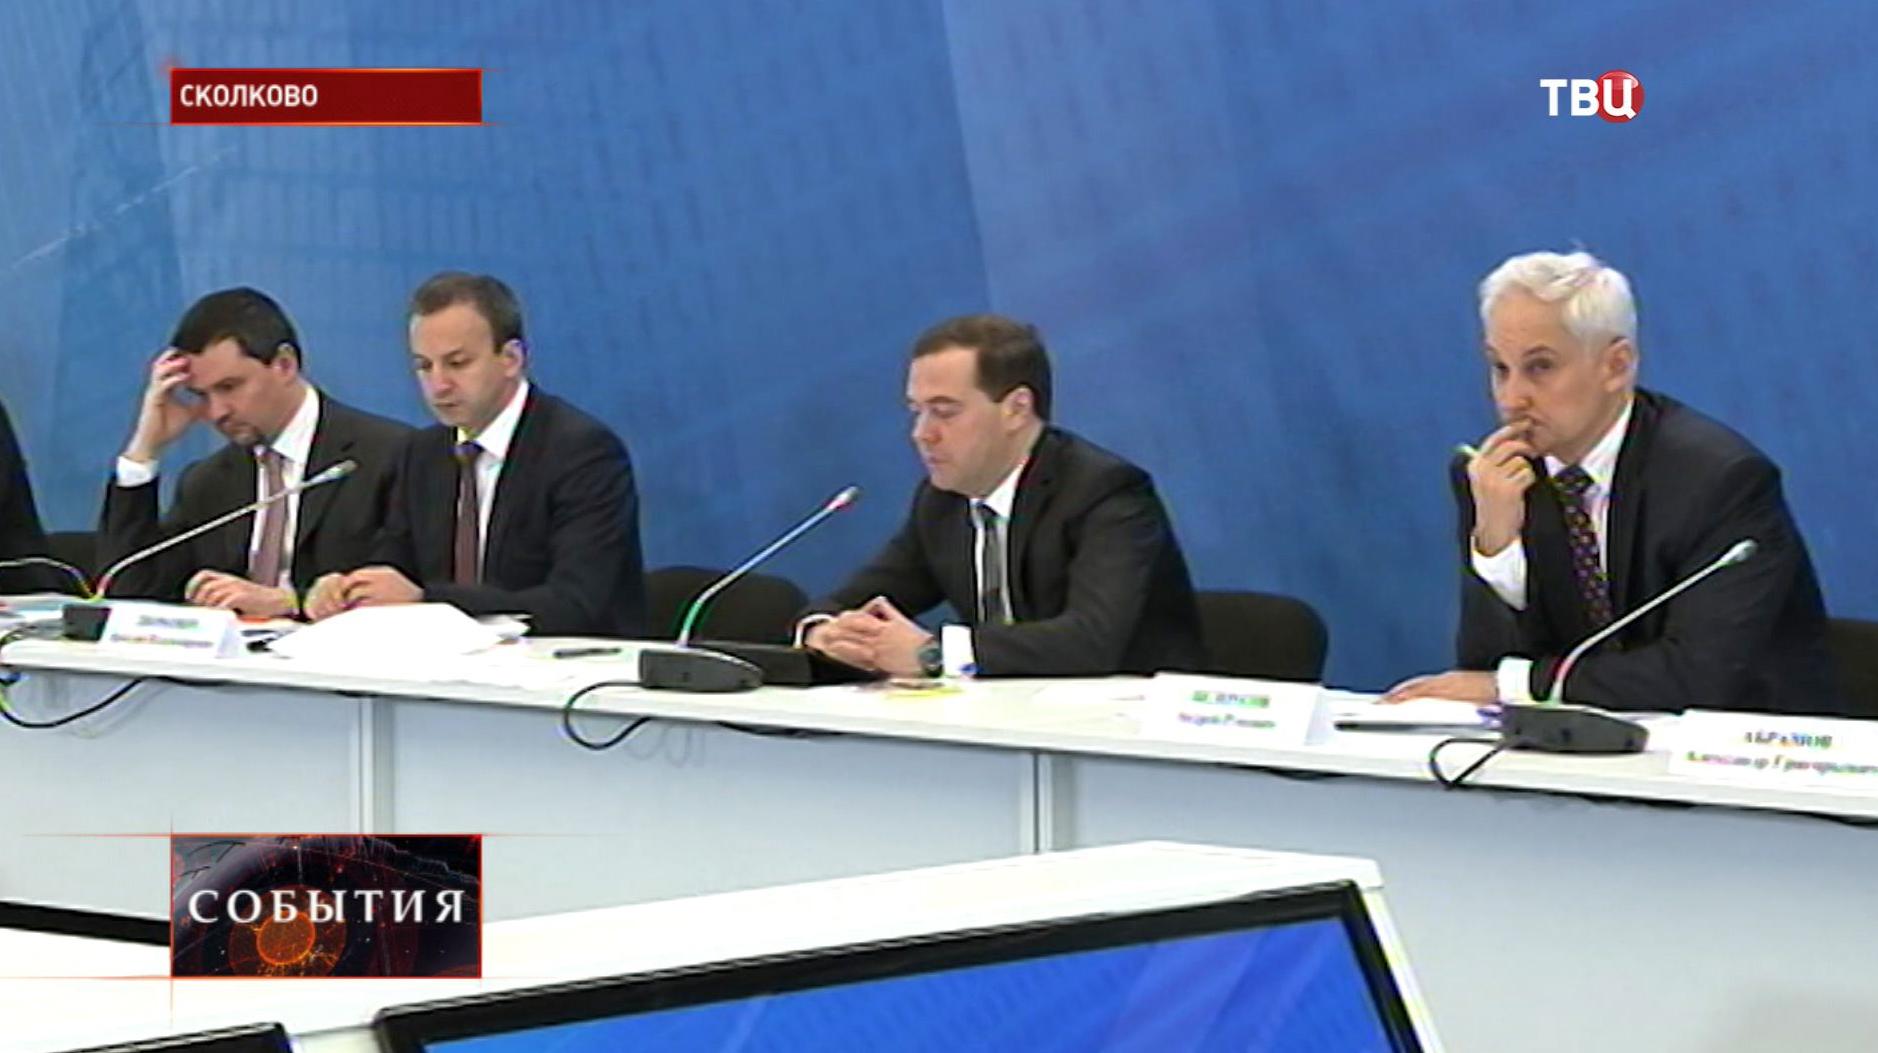 Заседание президиума Совета по модернизации экономики и инновационному развитию в Сколкове